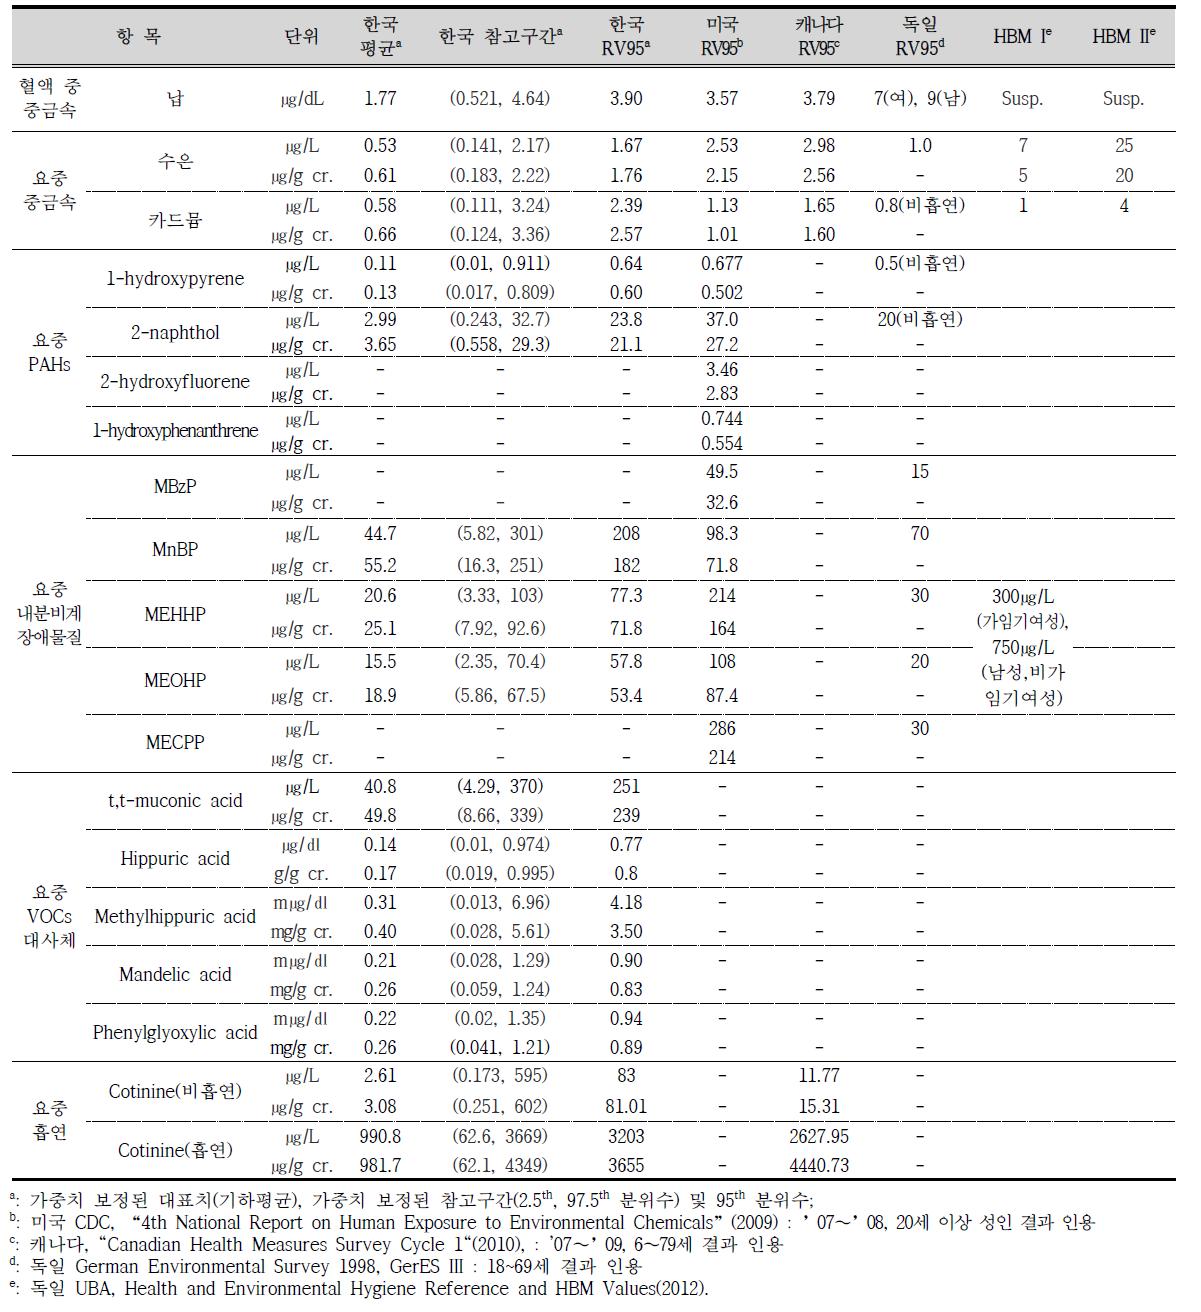 혈액 및 요중 유해물질별 대표값과 참고값